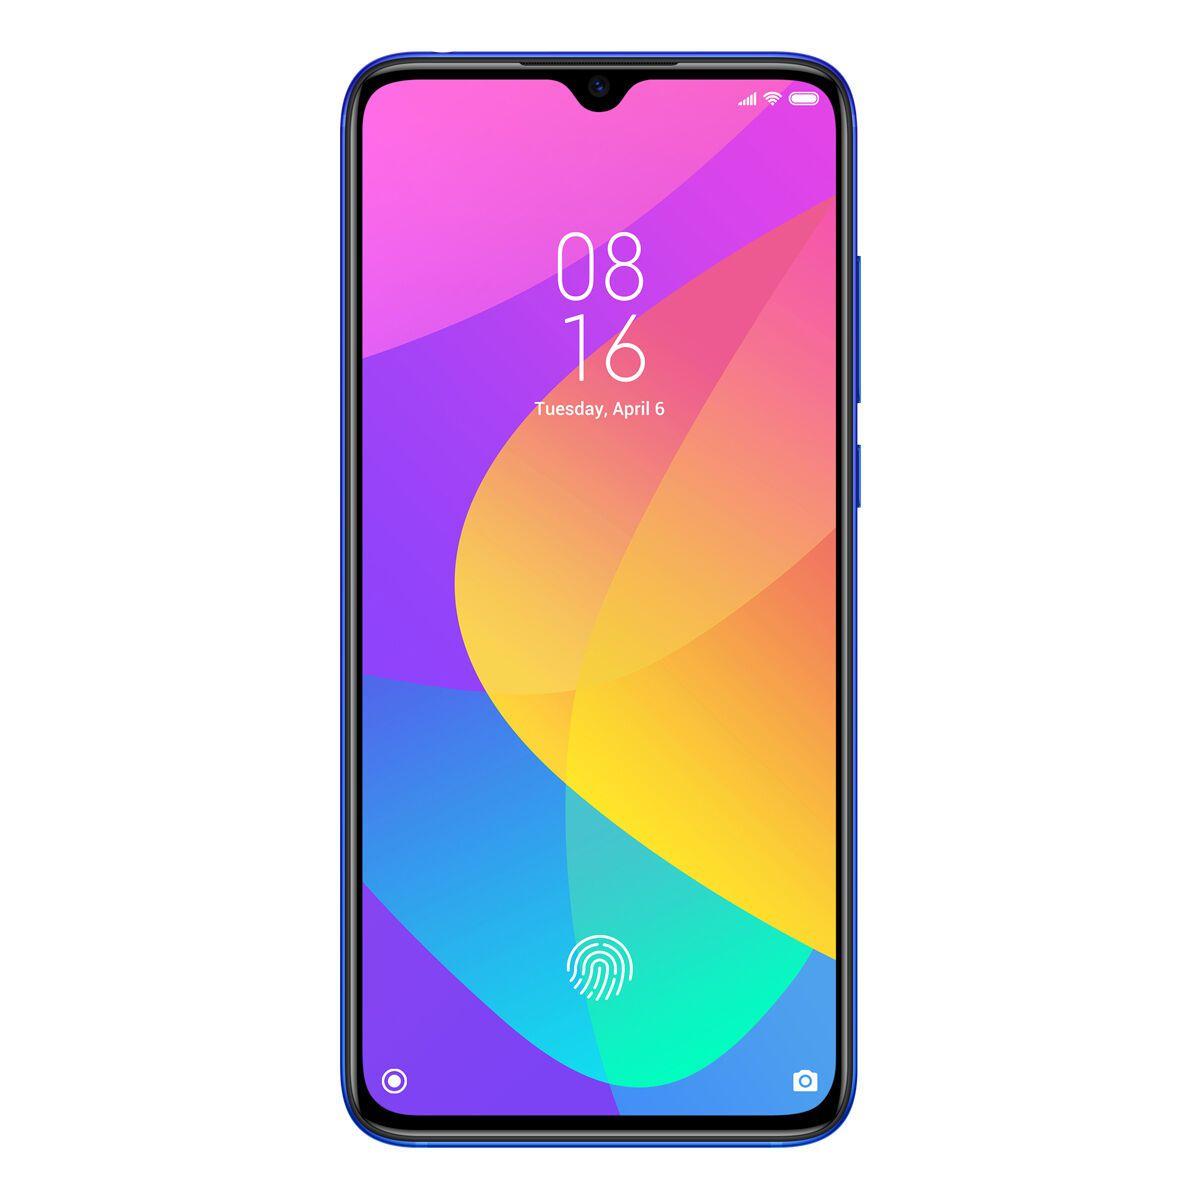 """Smartphone Xiaomi Mi 9 Lite 64gb 6gb Ram Dual Tela de 6.39"""" 4G Câmera Tripla de 48+8+2 Versão Global - Azul"""